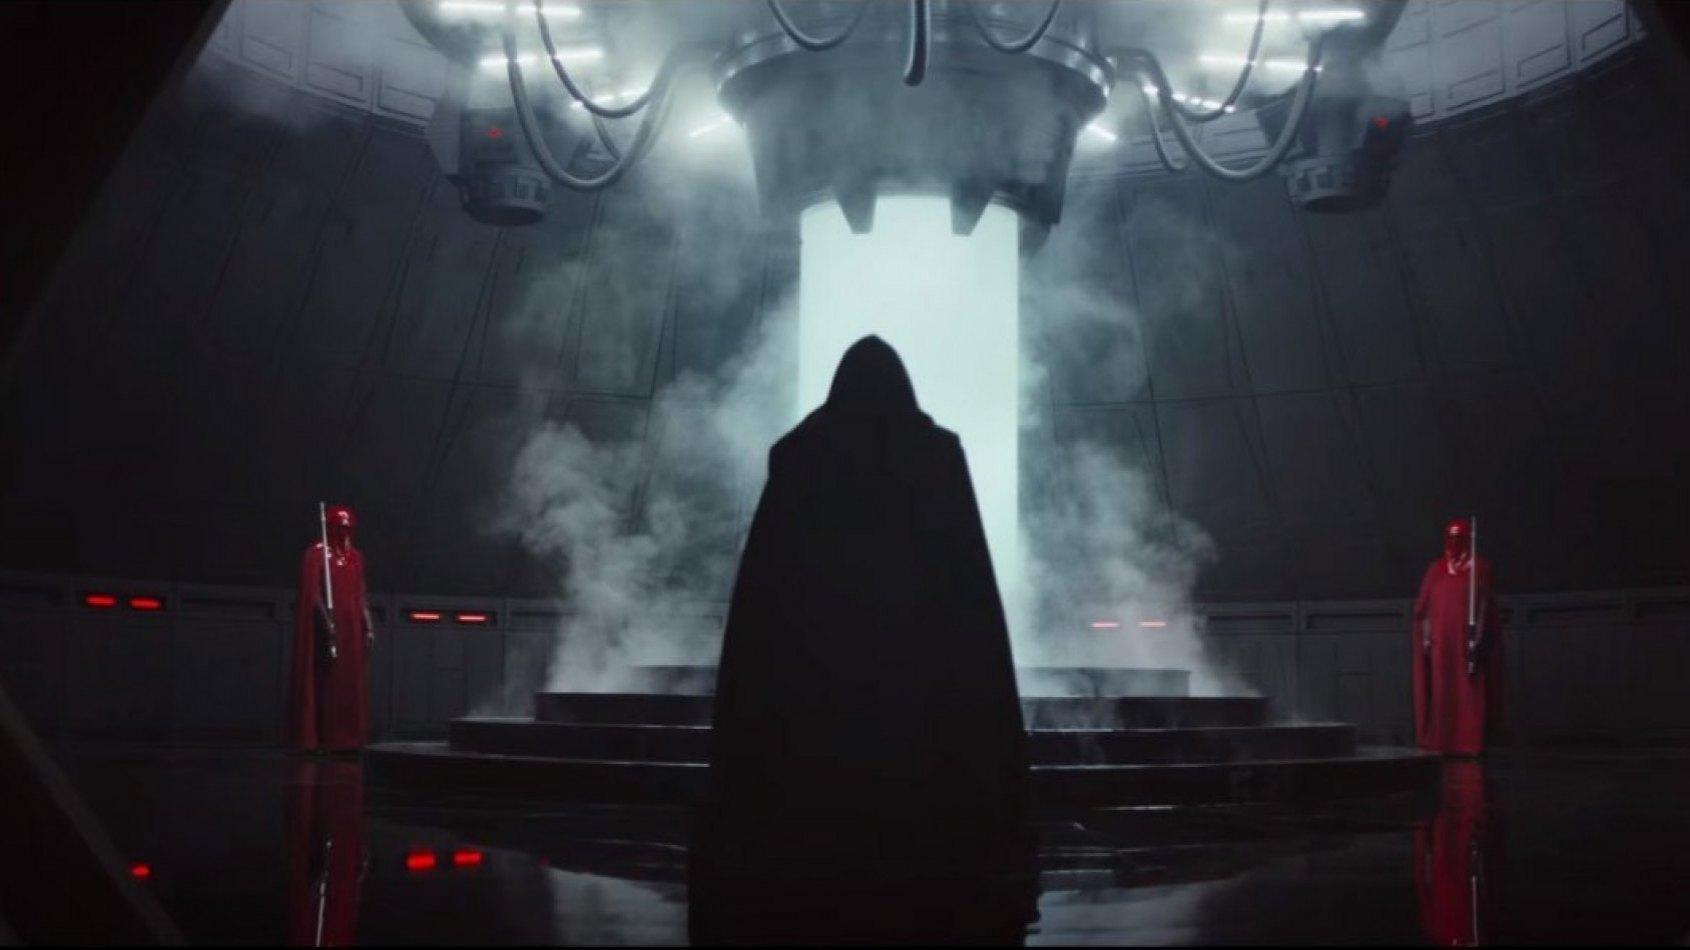 Des infos sur la mystérieuse scène de Rogue One